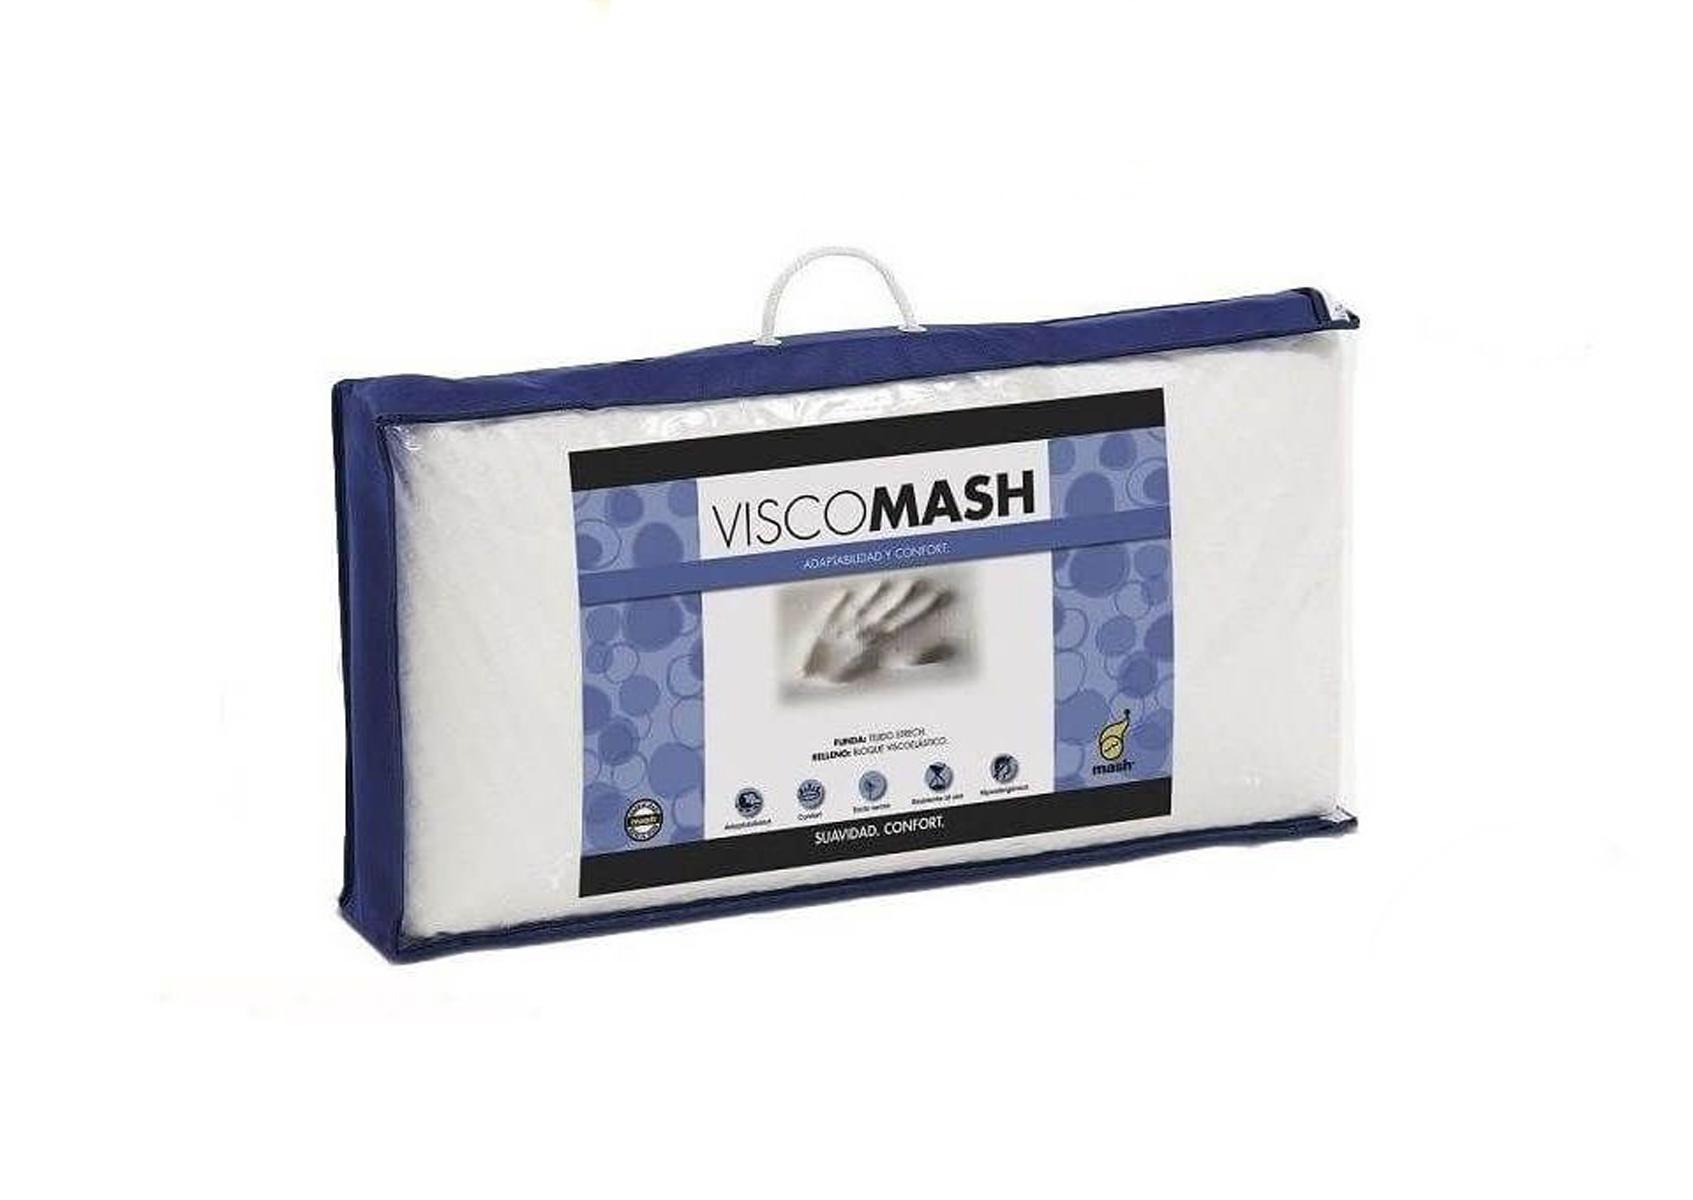 VISCO MASH